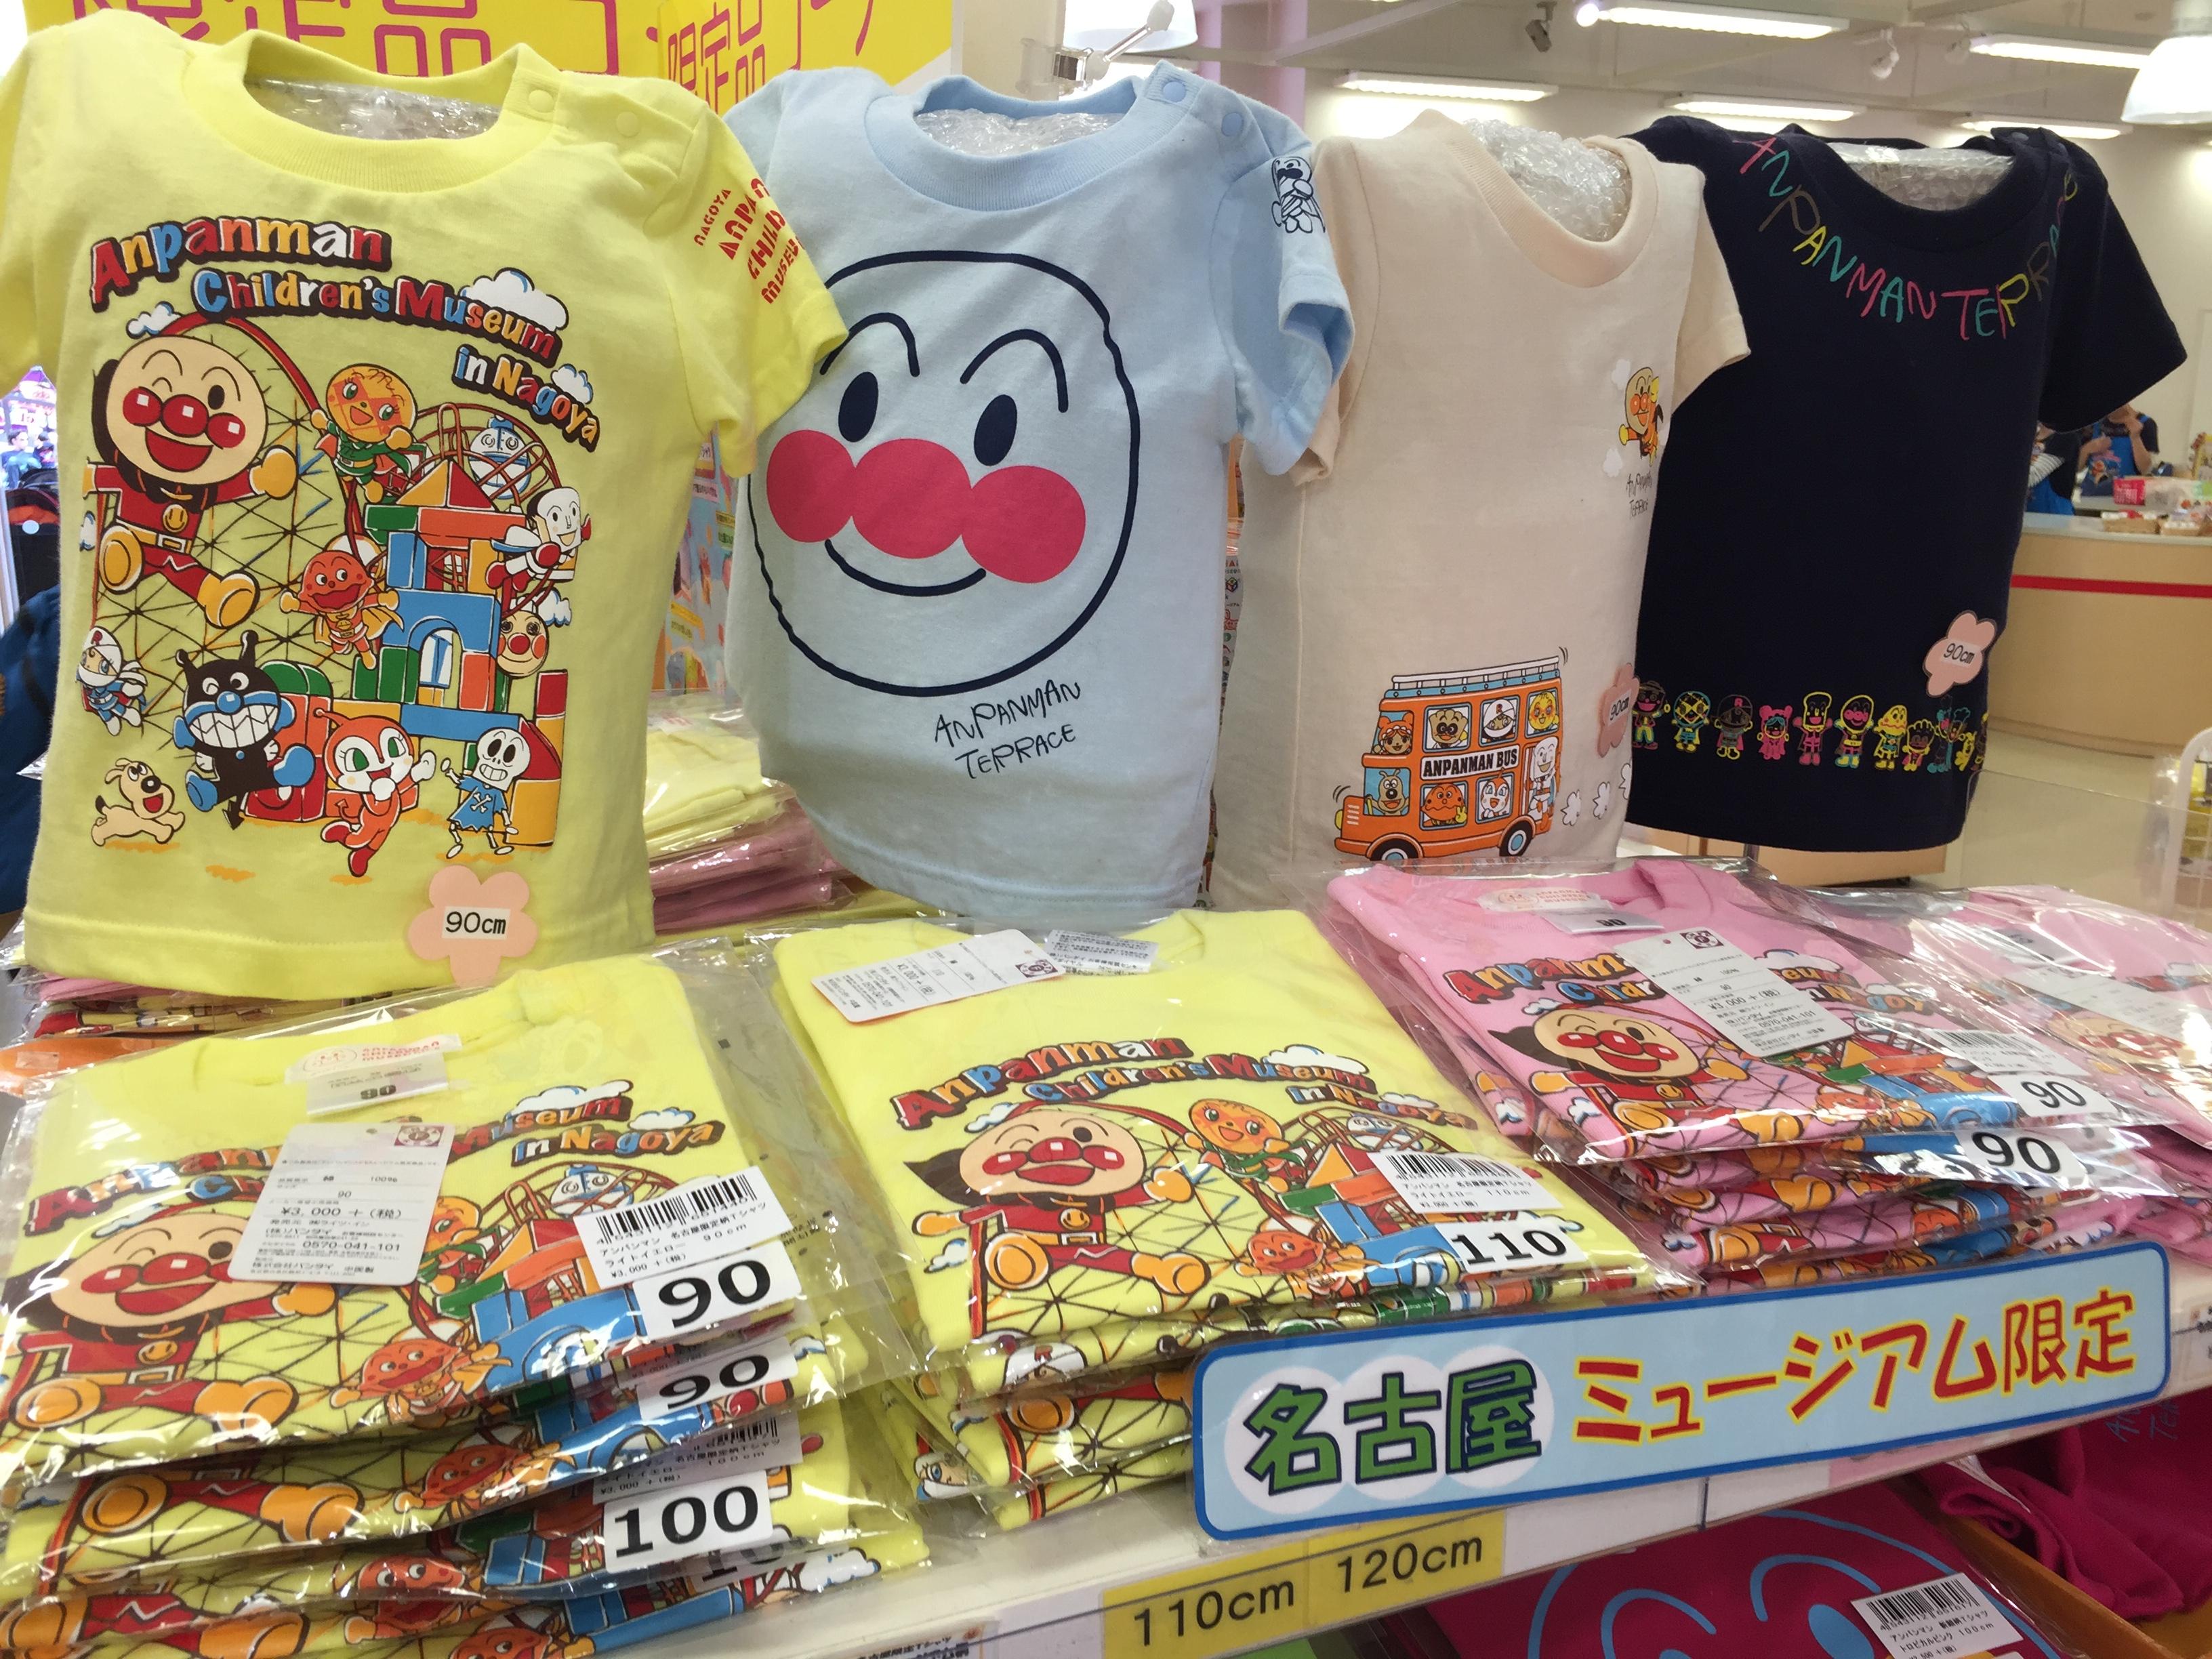 nagoya-anpanman-goods